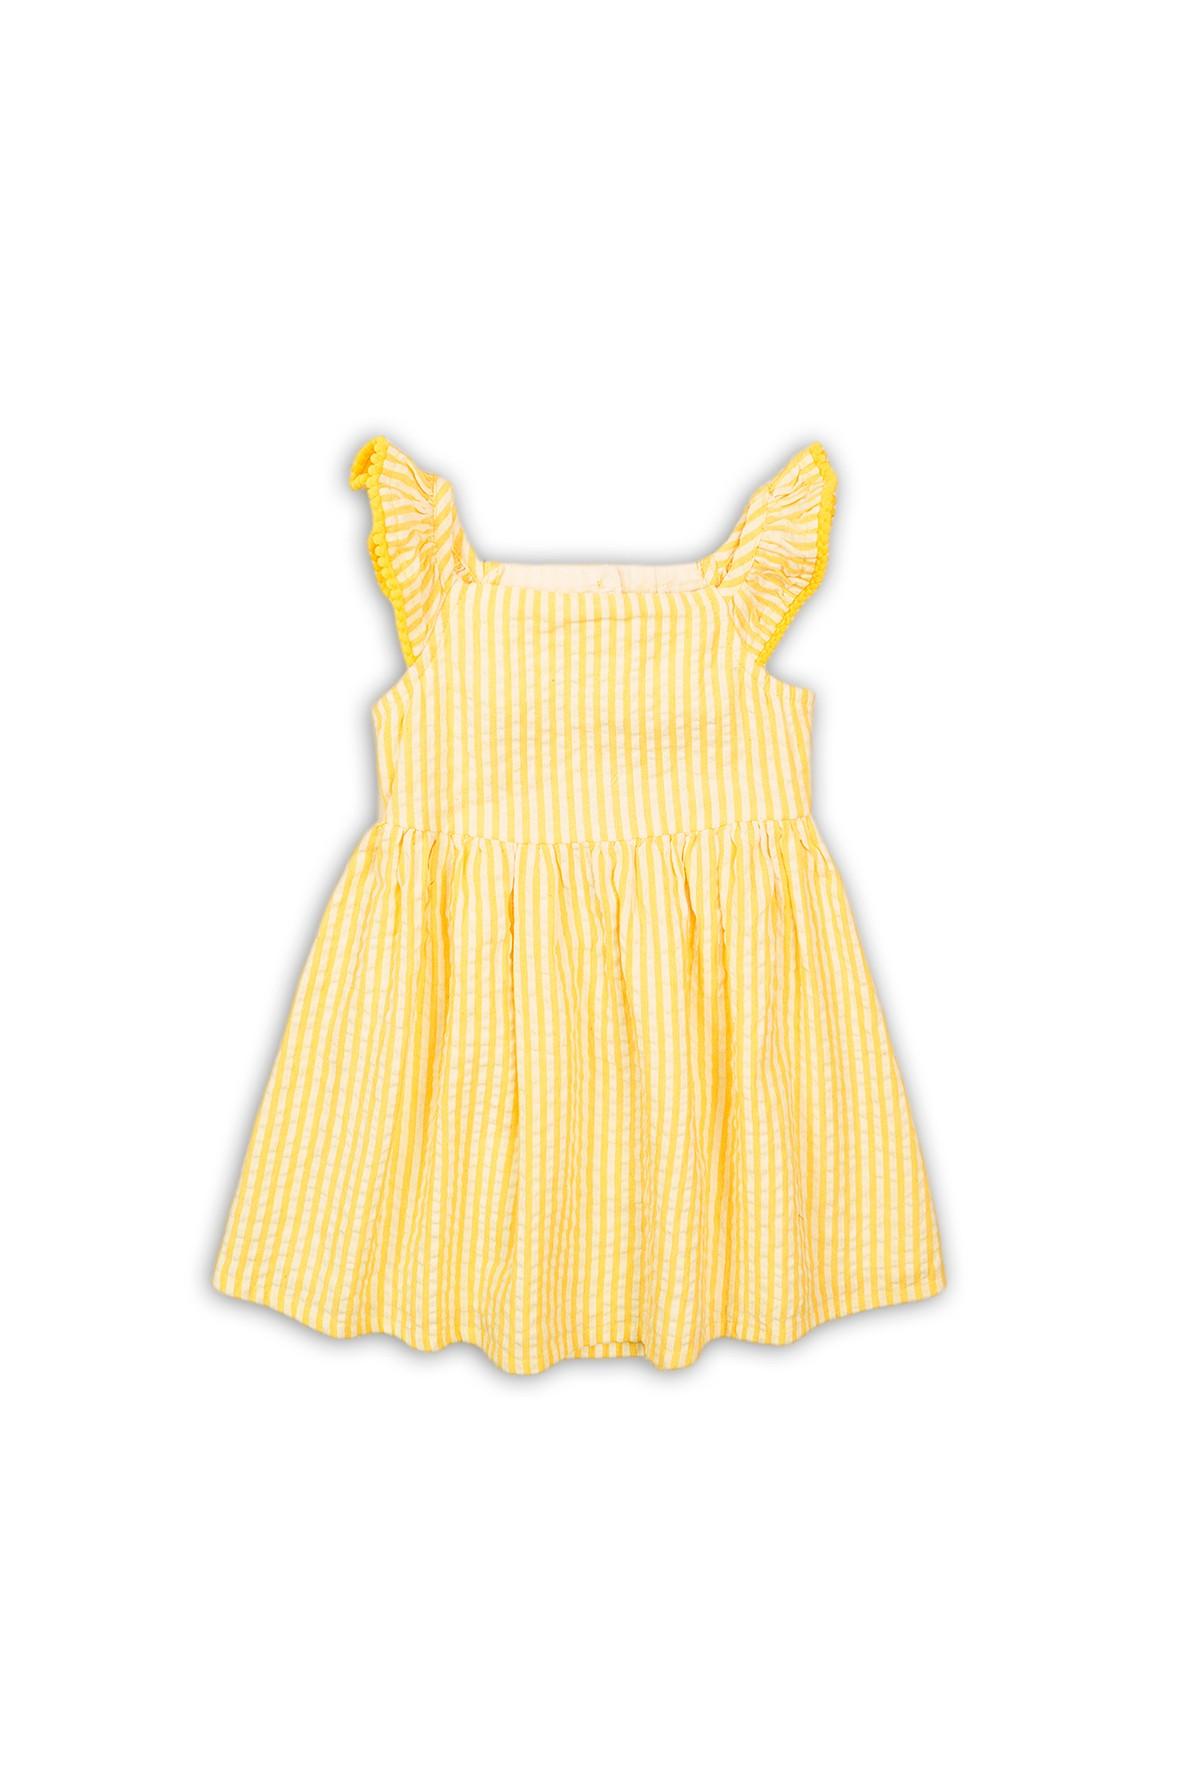 Sukienka żółta w białe paski z ozdobnym rękawem